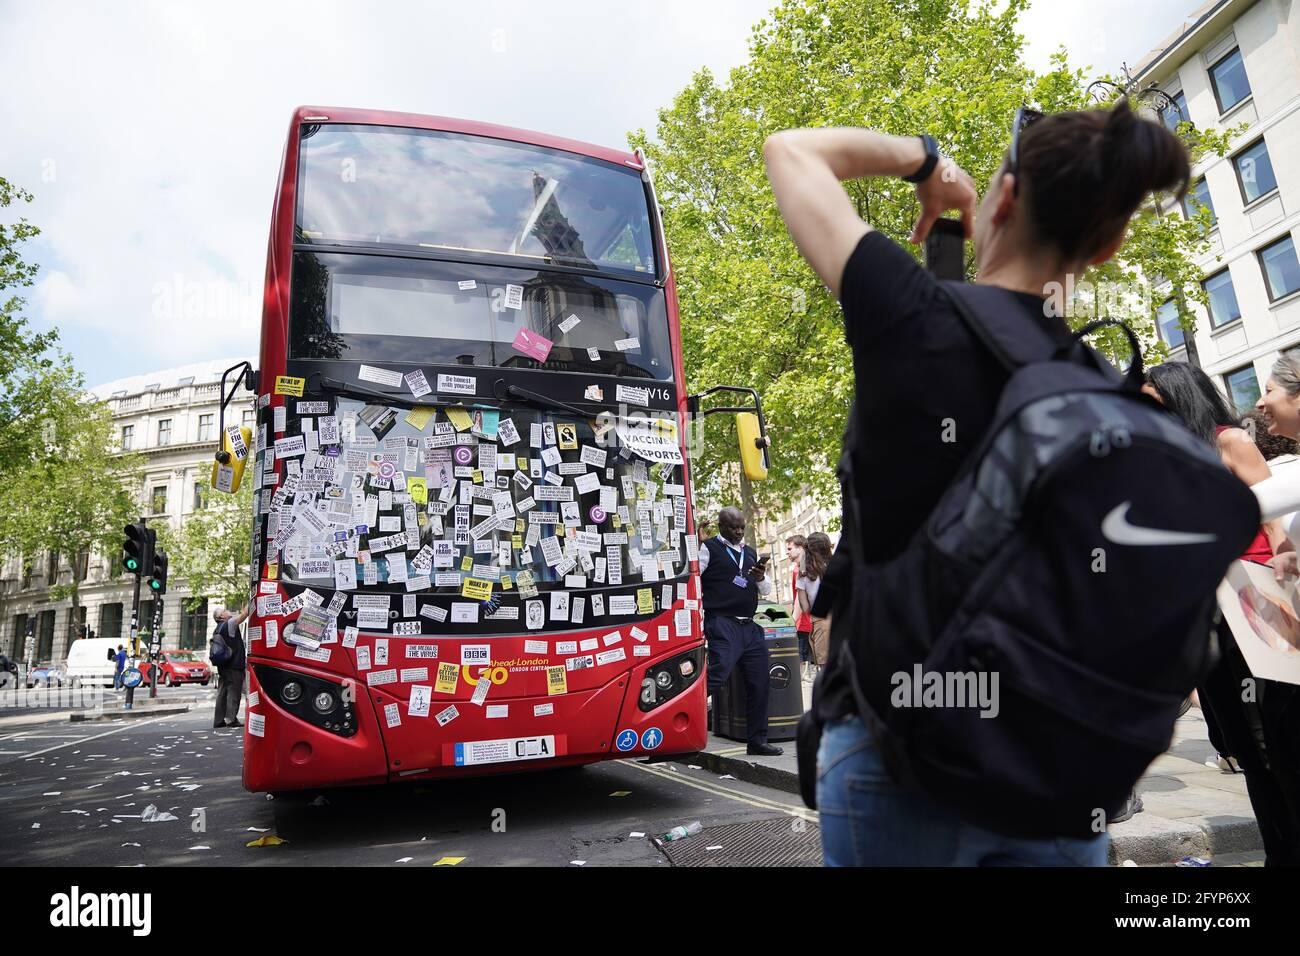 Ein Londoner Bus ist in der Nähe des Trafalgar Square nach einem Anti-Impfstoff-Protest im Zentrum von London mit Anti-Impfstoff-Aufklebern bedeckt. Bilddatum: Samstag, 29. Mai 2021. Stockfoto